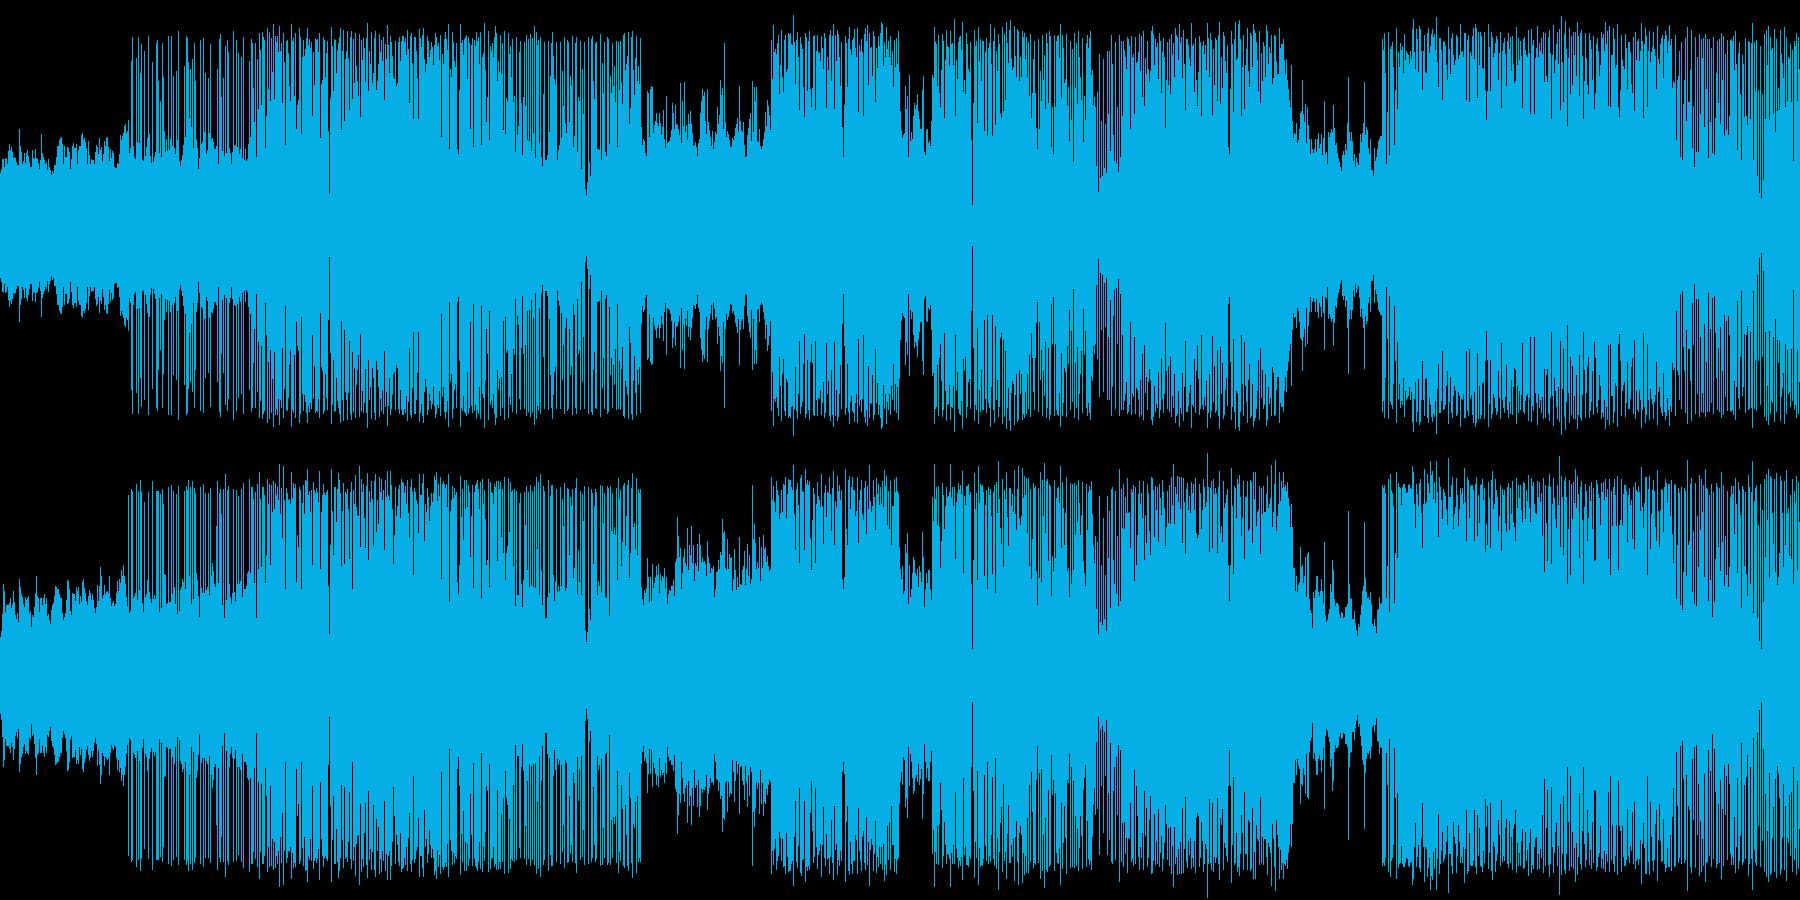 グリッチ系の緊張感のあるエレクトロの再生済みの波形